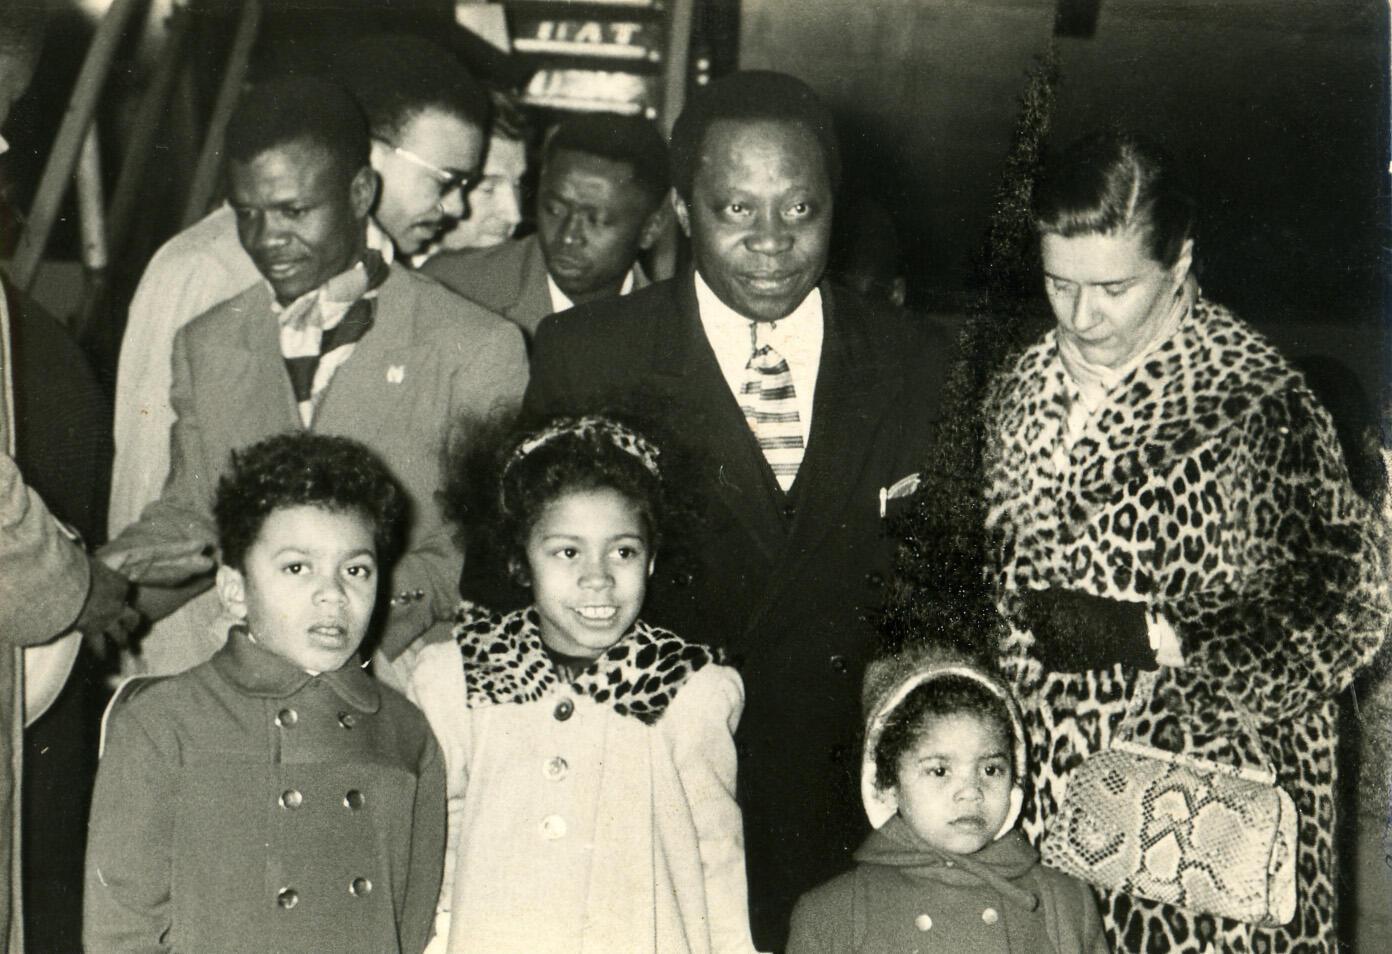 Barthélémy Boganda à l'aéroport du Bourget en 1958, avec sa femme Michèle et leurs trois enfants. De gauche à droite : Bertrand, Agnès (au milieu) et Catherine.